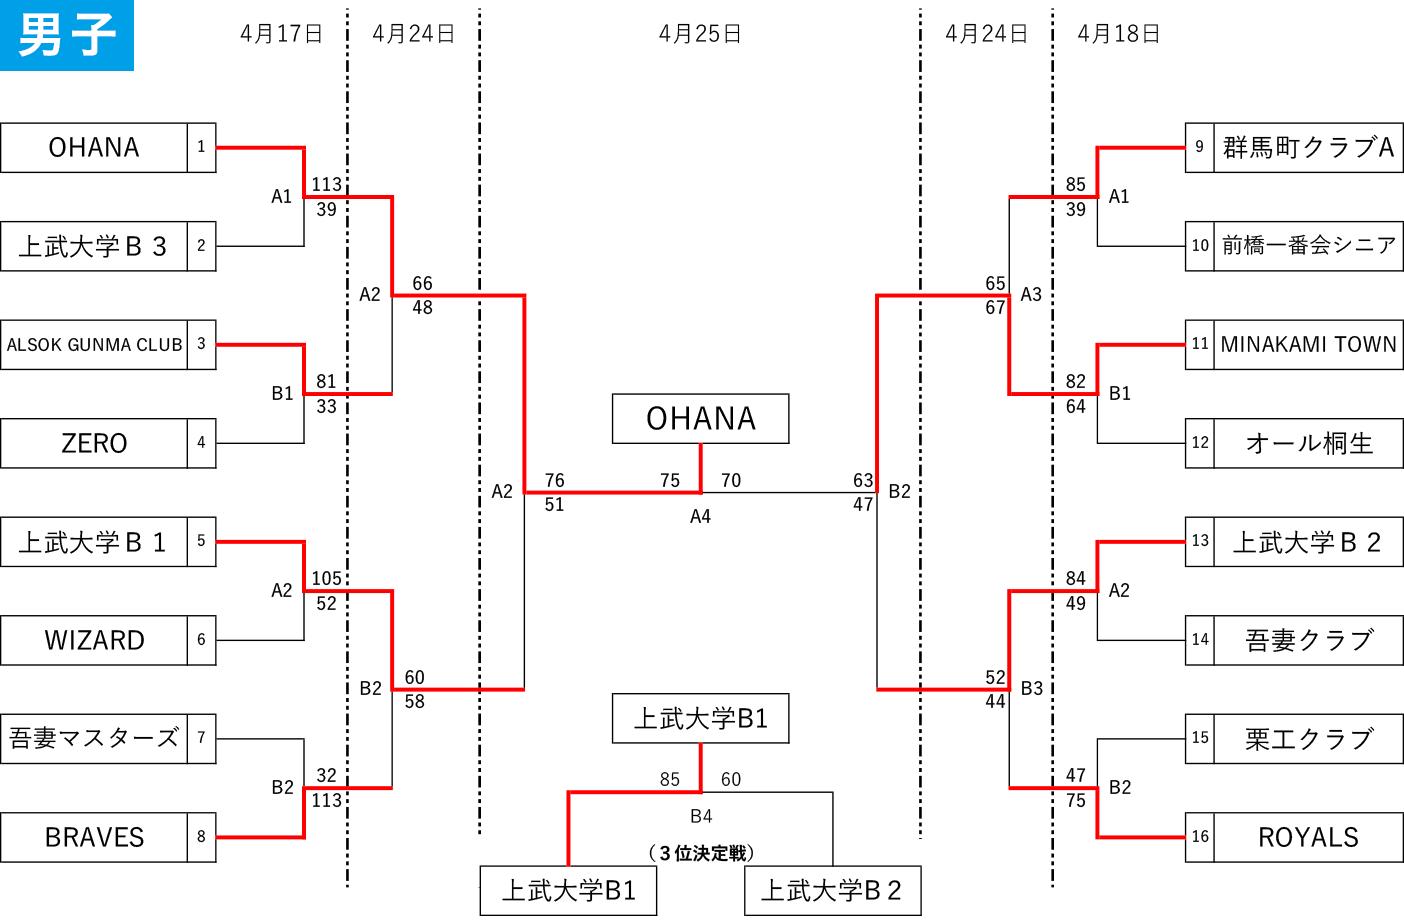 2021 国体選手選考会/天皇杯・皇后杯社会人予選 - 男子 大会結果(2021-04-25)